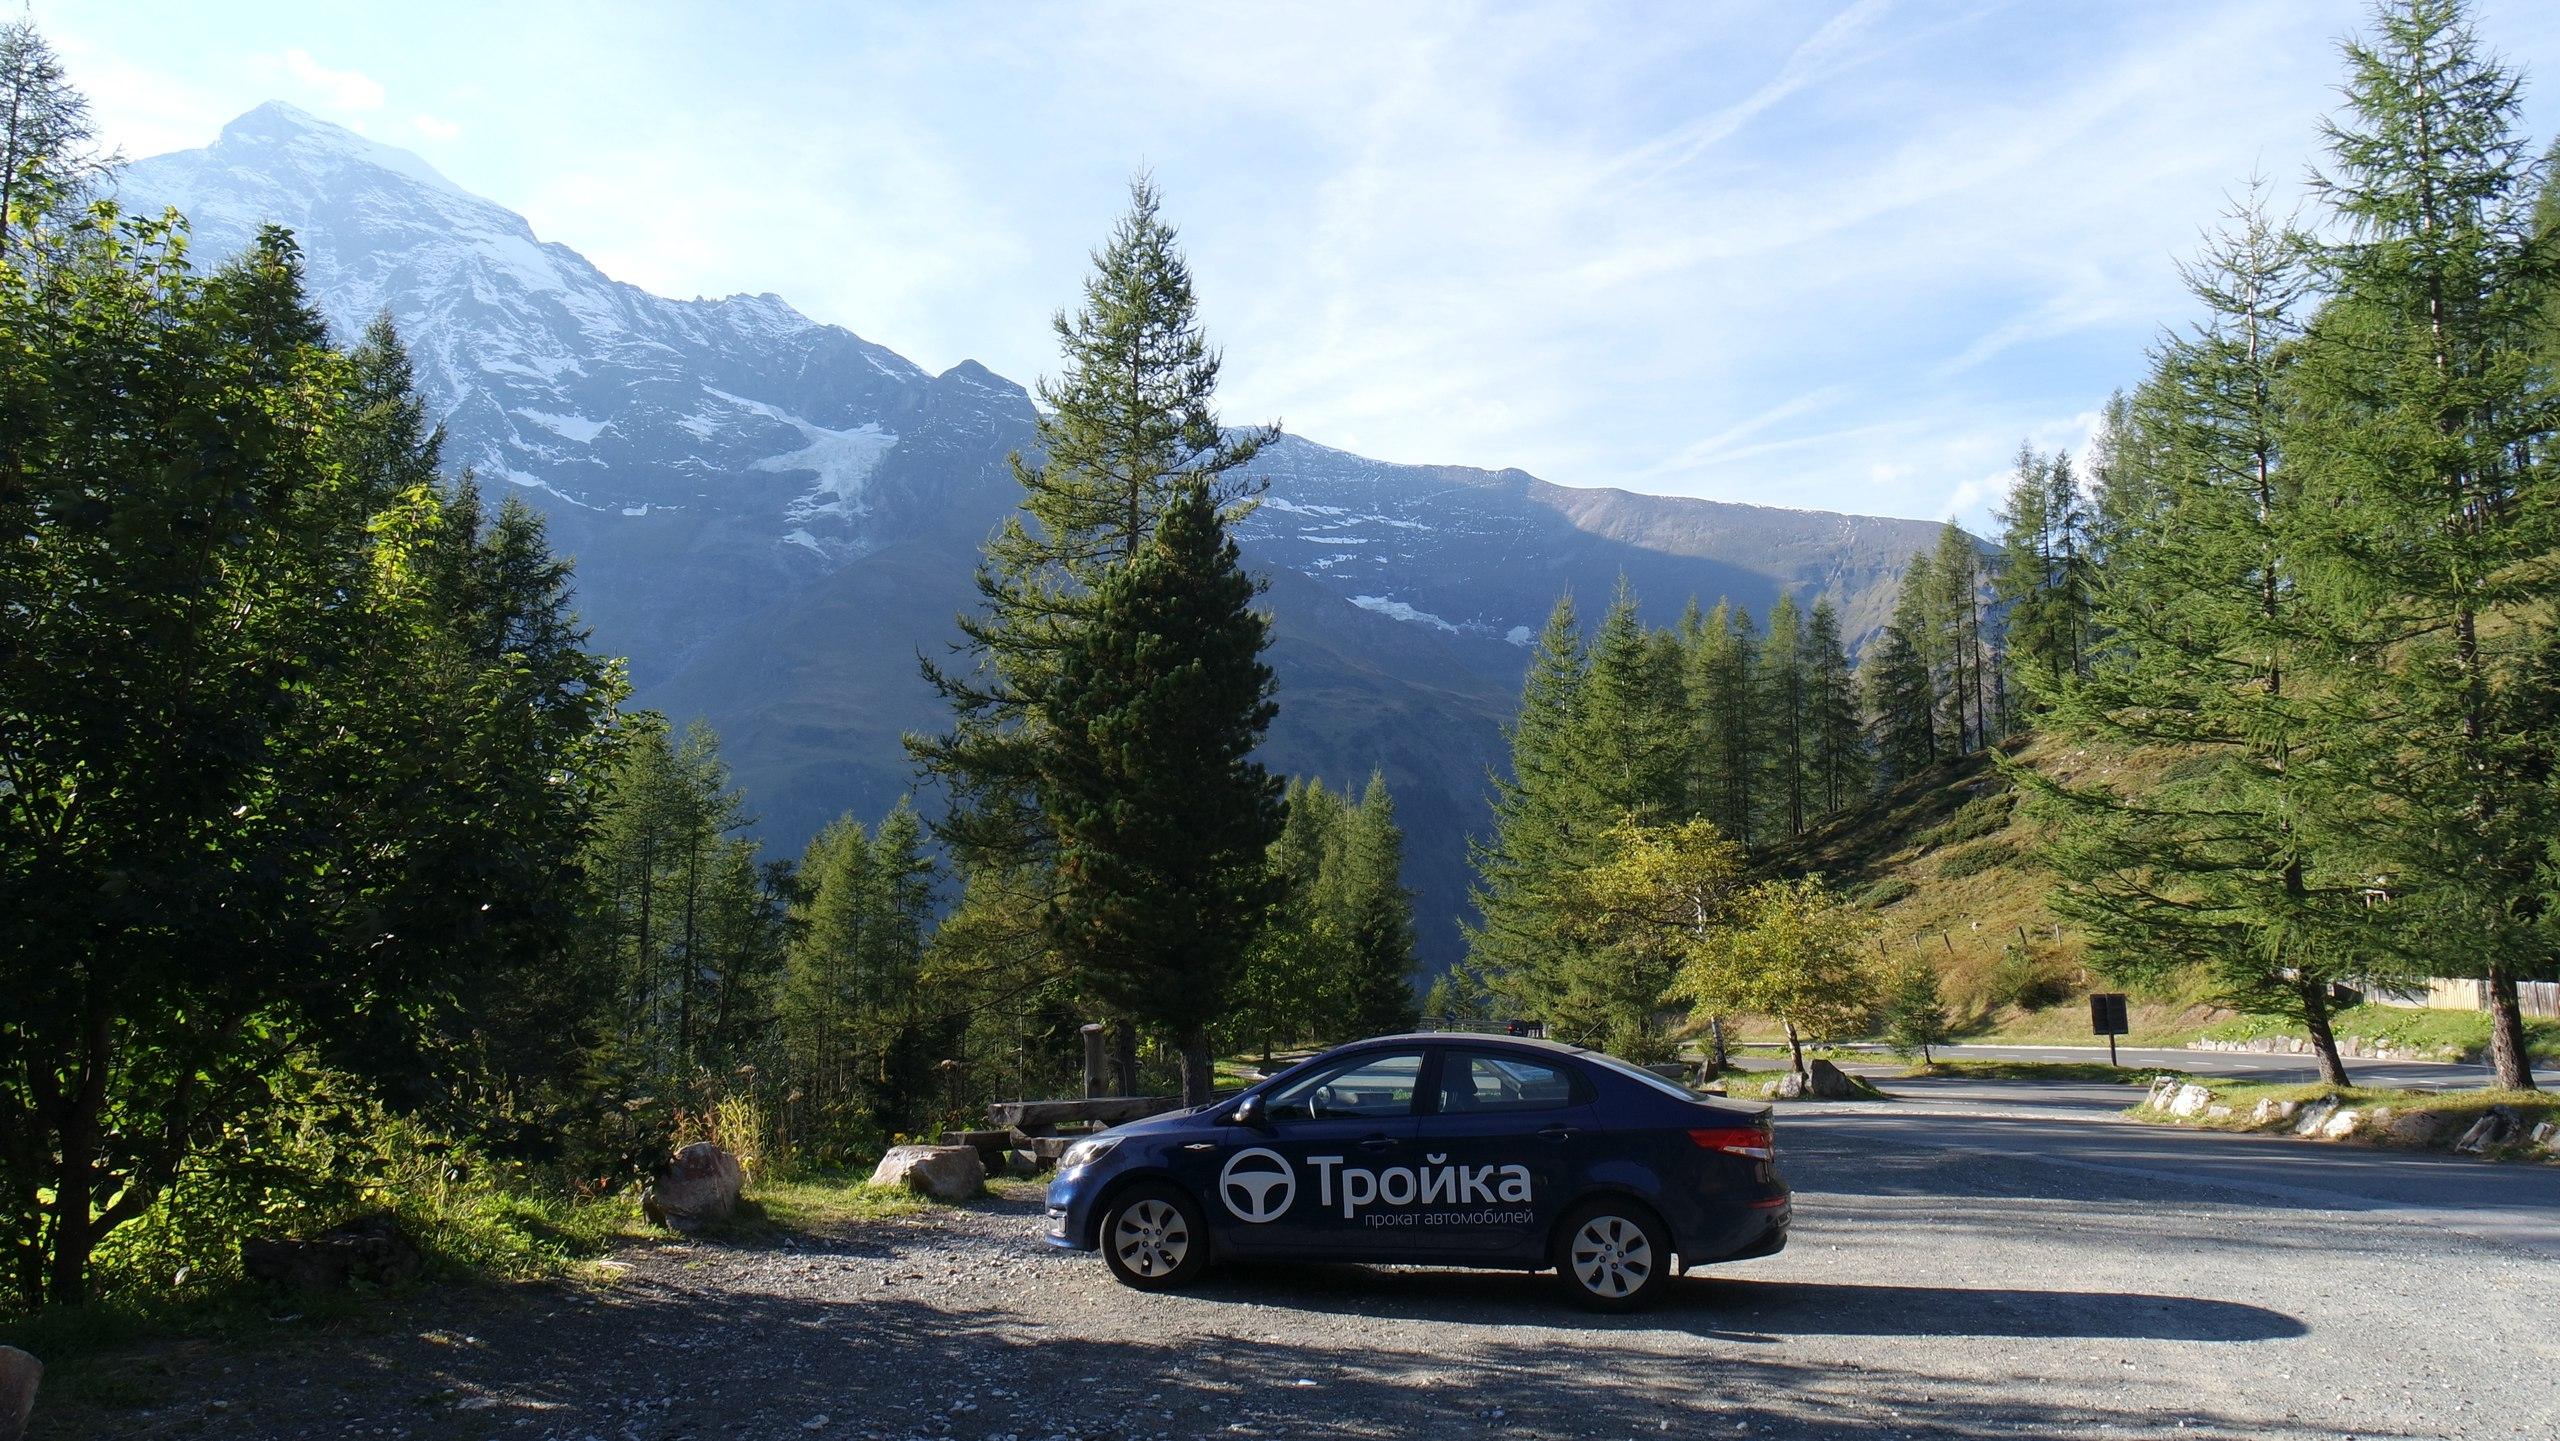 Поездка по Европе с Тройкой